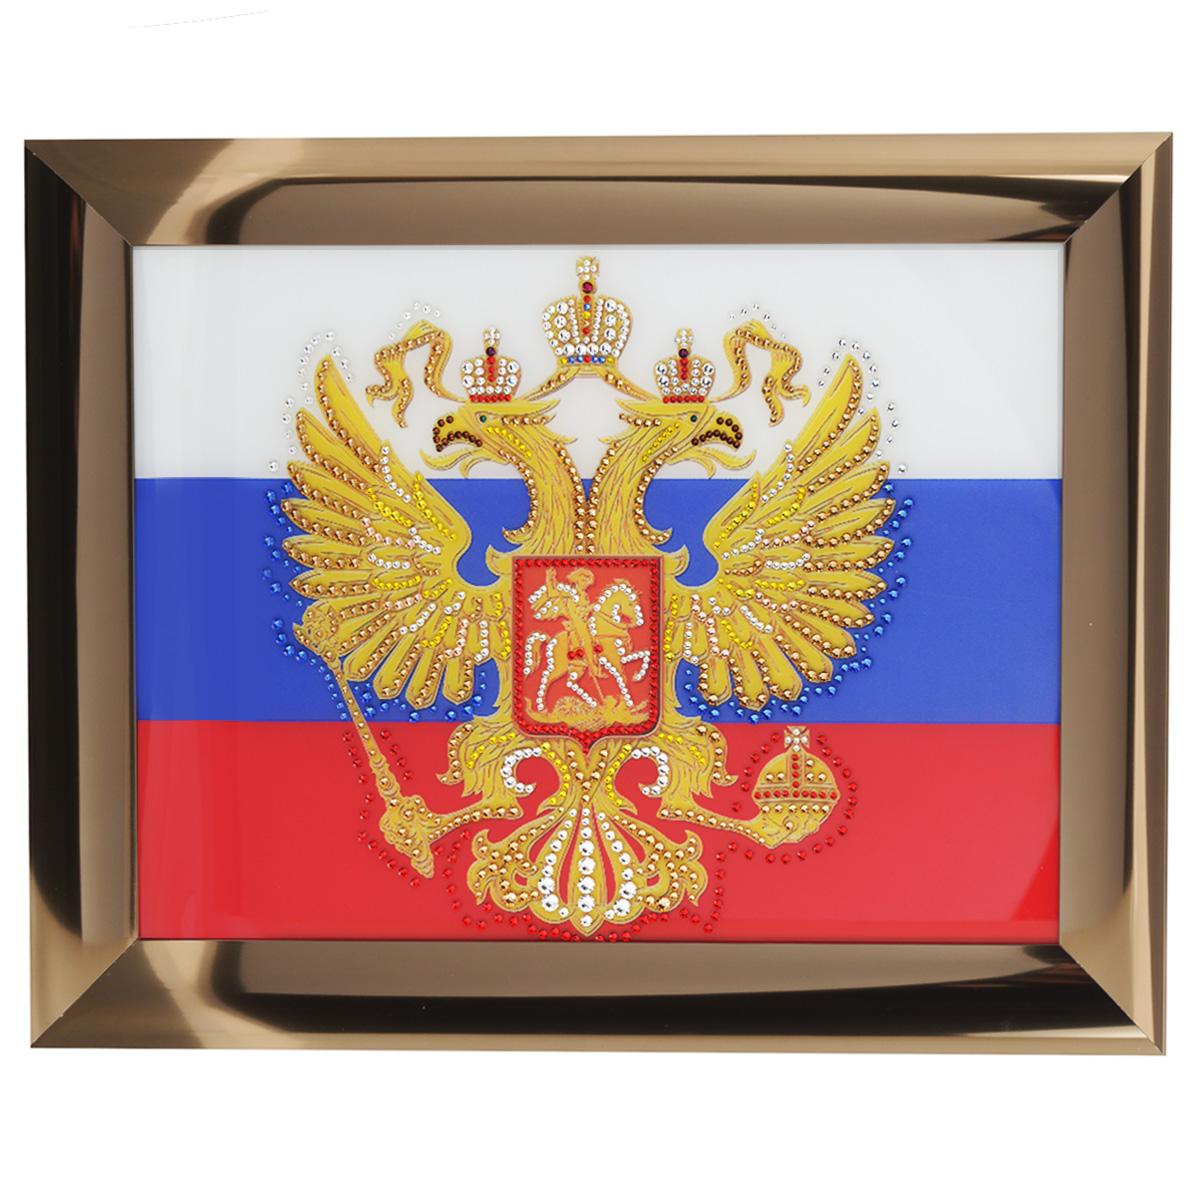 Картина с кристаллами Swarovski Герб России, 47,5 х 37,5 см картины в квартиру картина etude 2 102х130 см